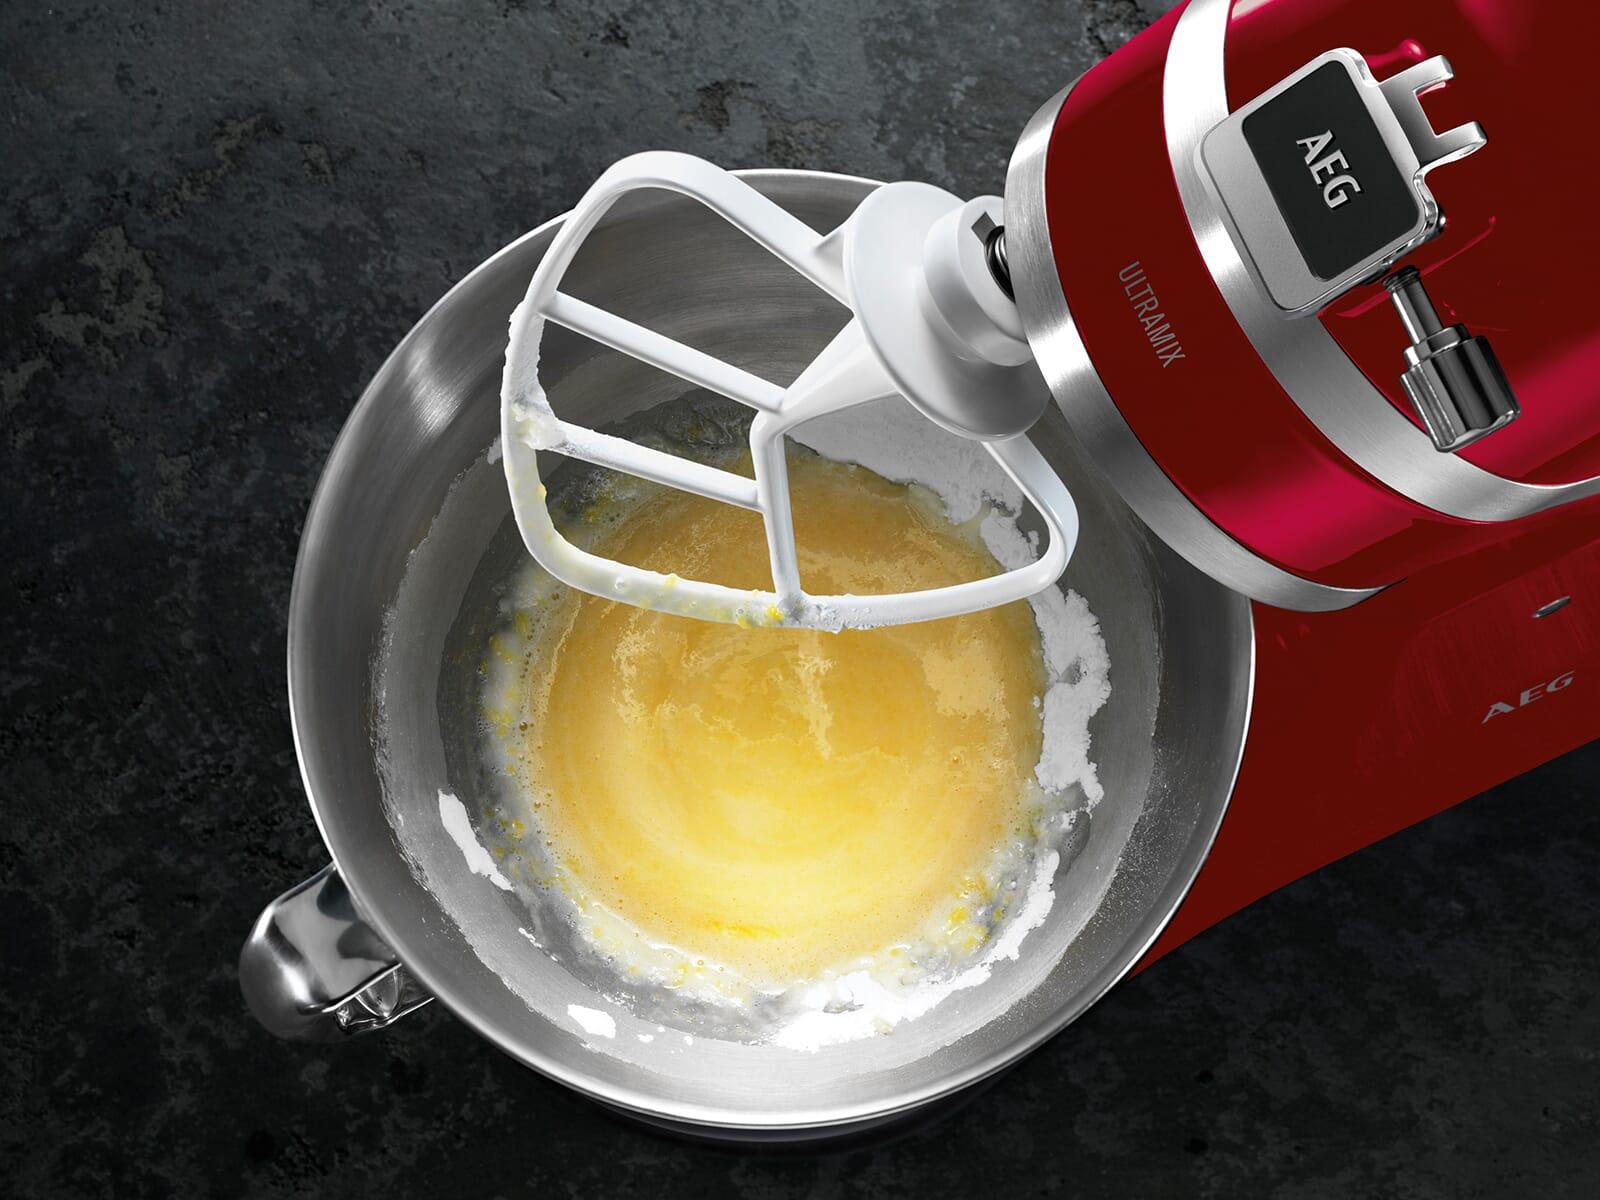 AEG KM54WR UltraMix Küchenmaschine Watermelon Red + AUMPR Nudelroller + AUMPSC Spaghettischneider